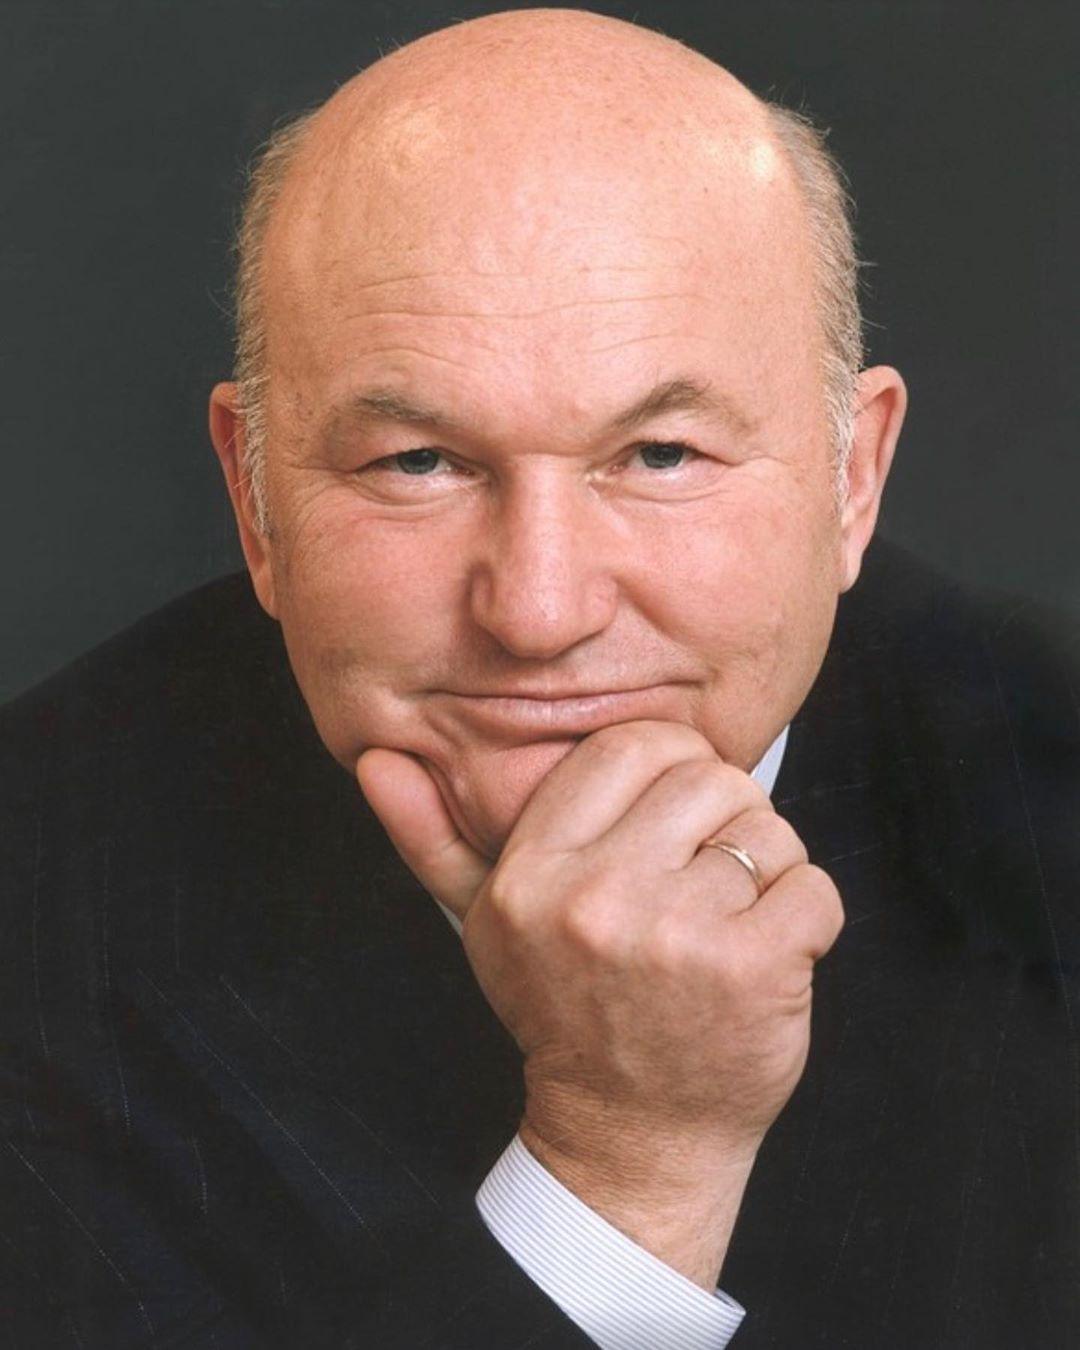 Максим Галкин выразил соболезнования в связи со смертью Юрия Лужкова